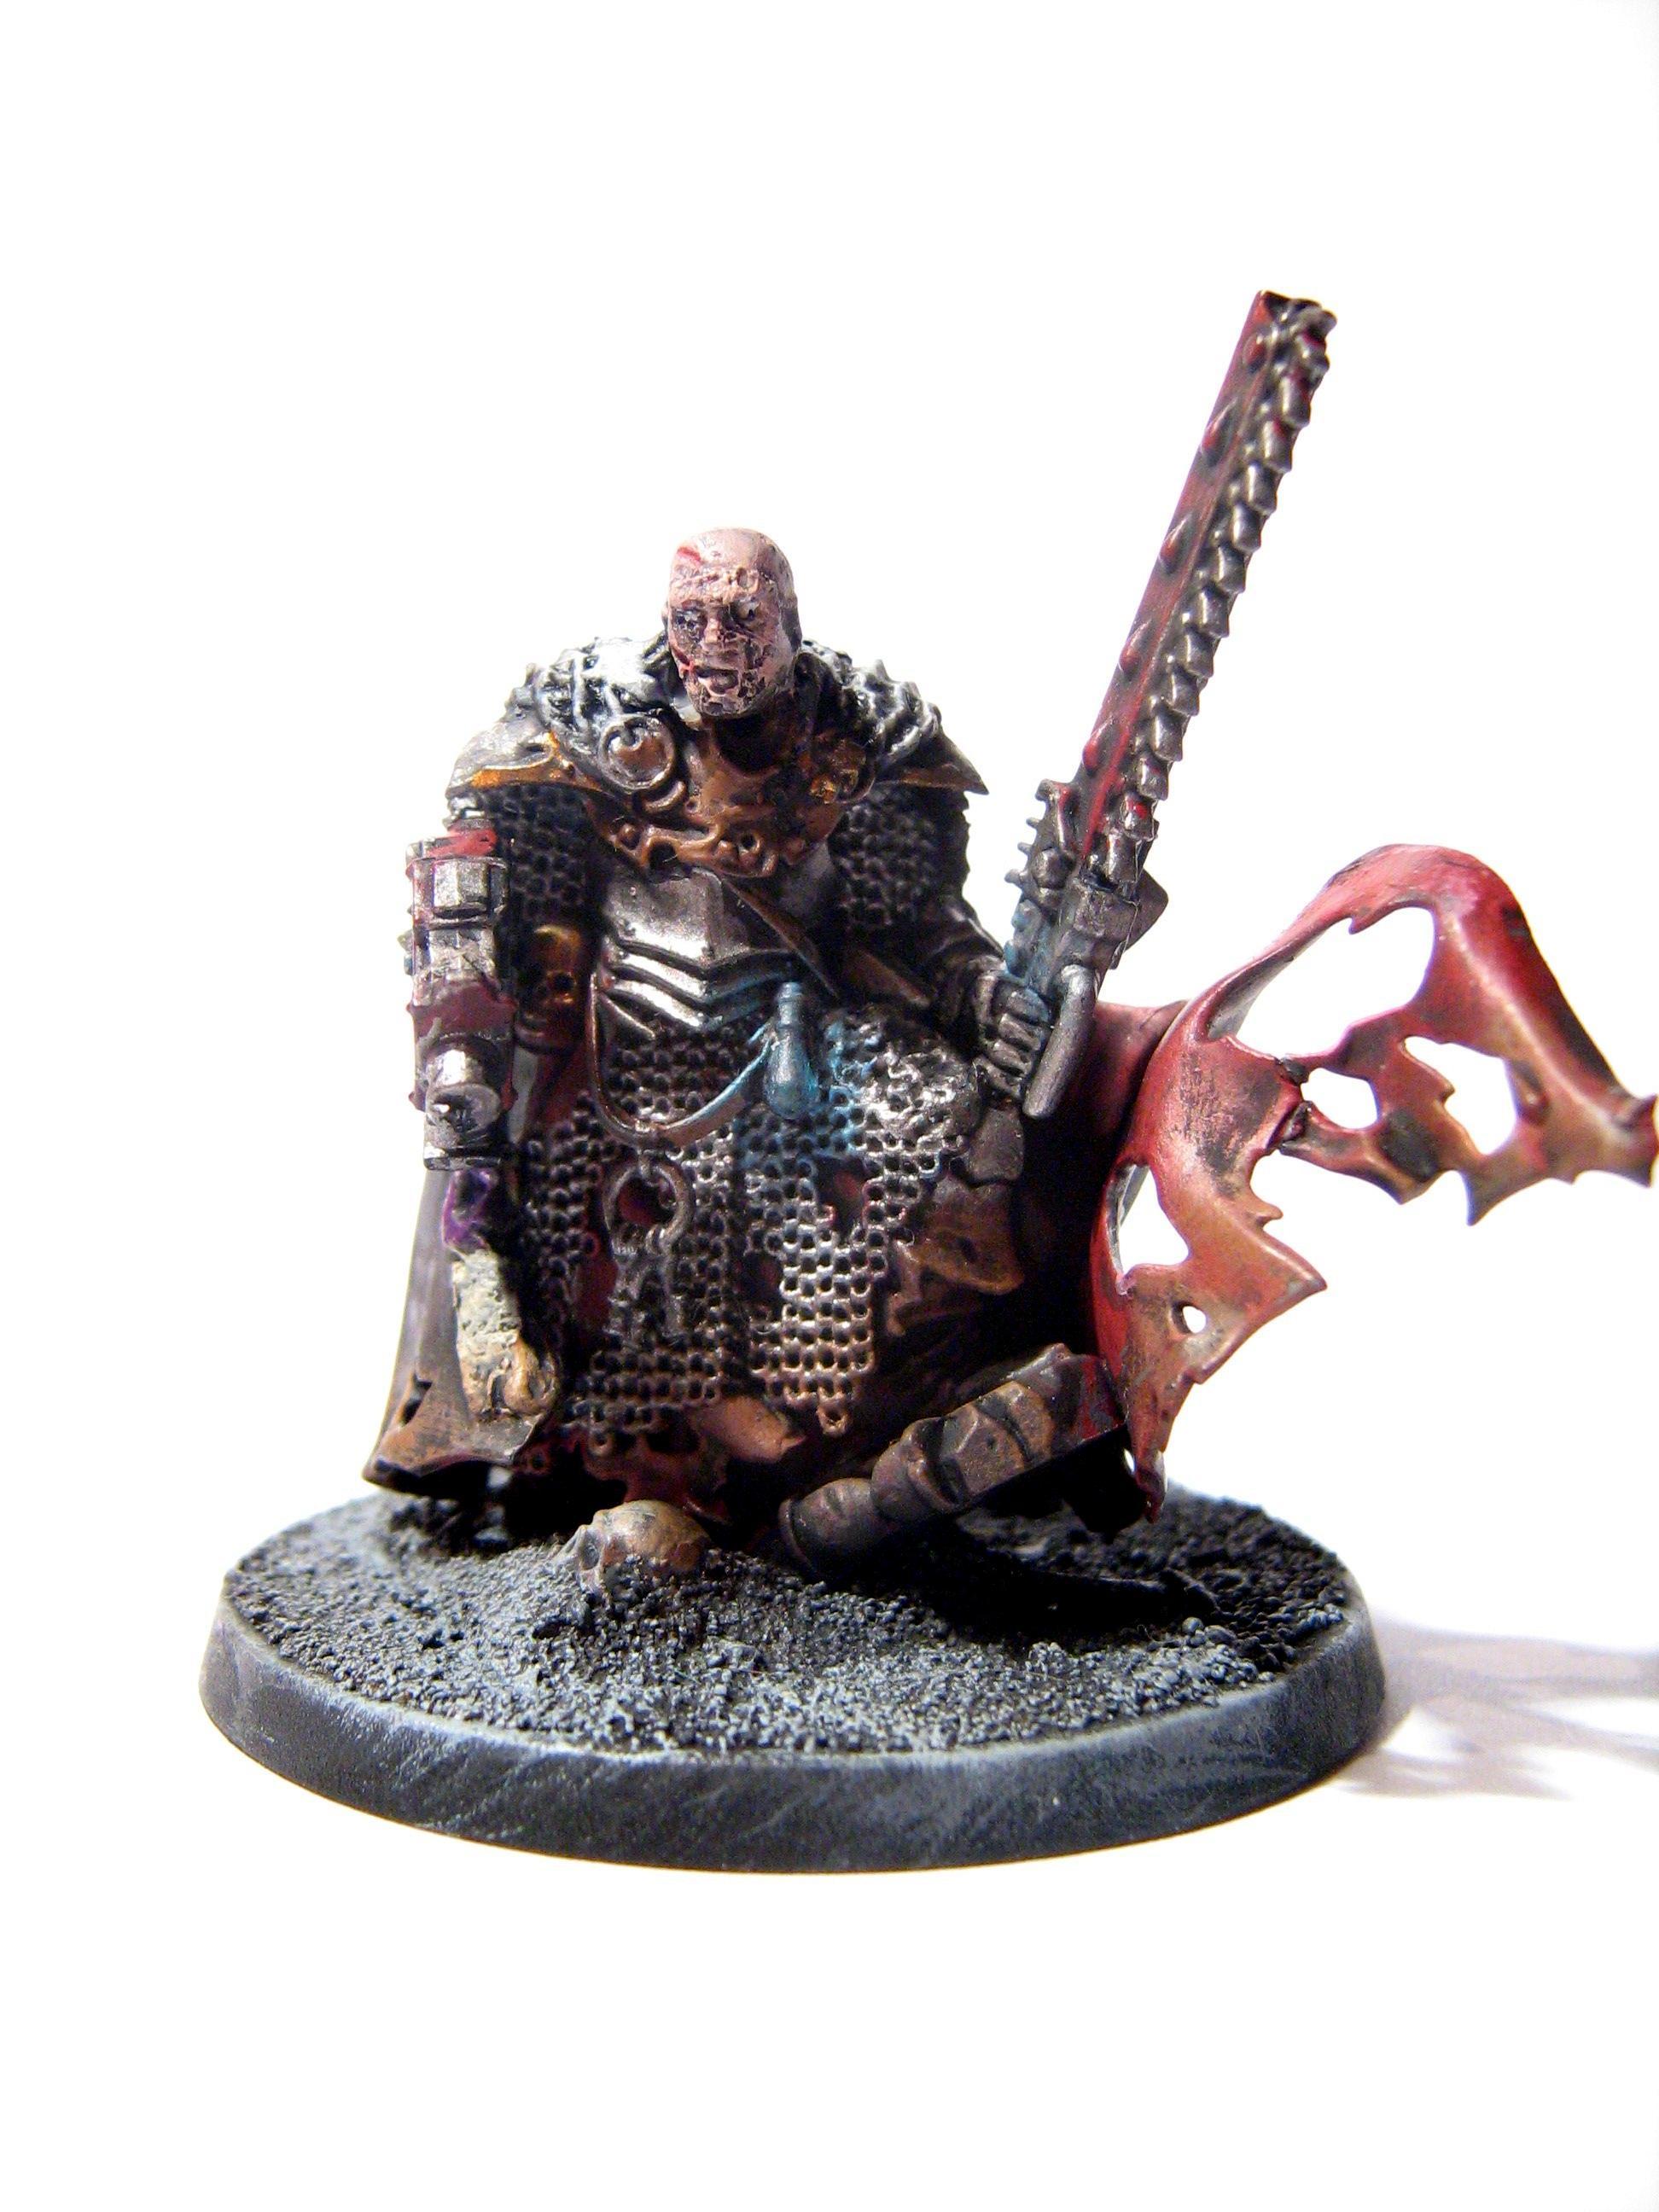 Inquisitor Anton Zellik